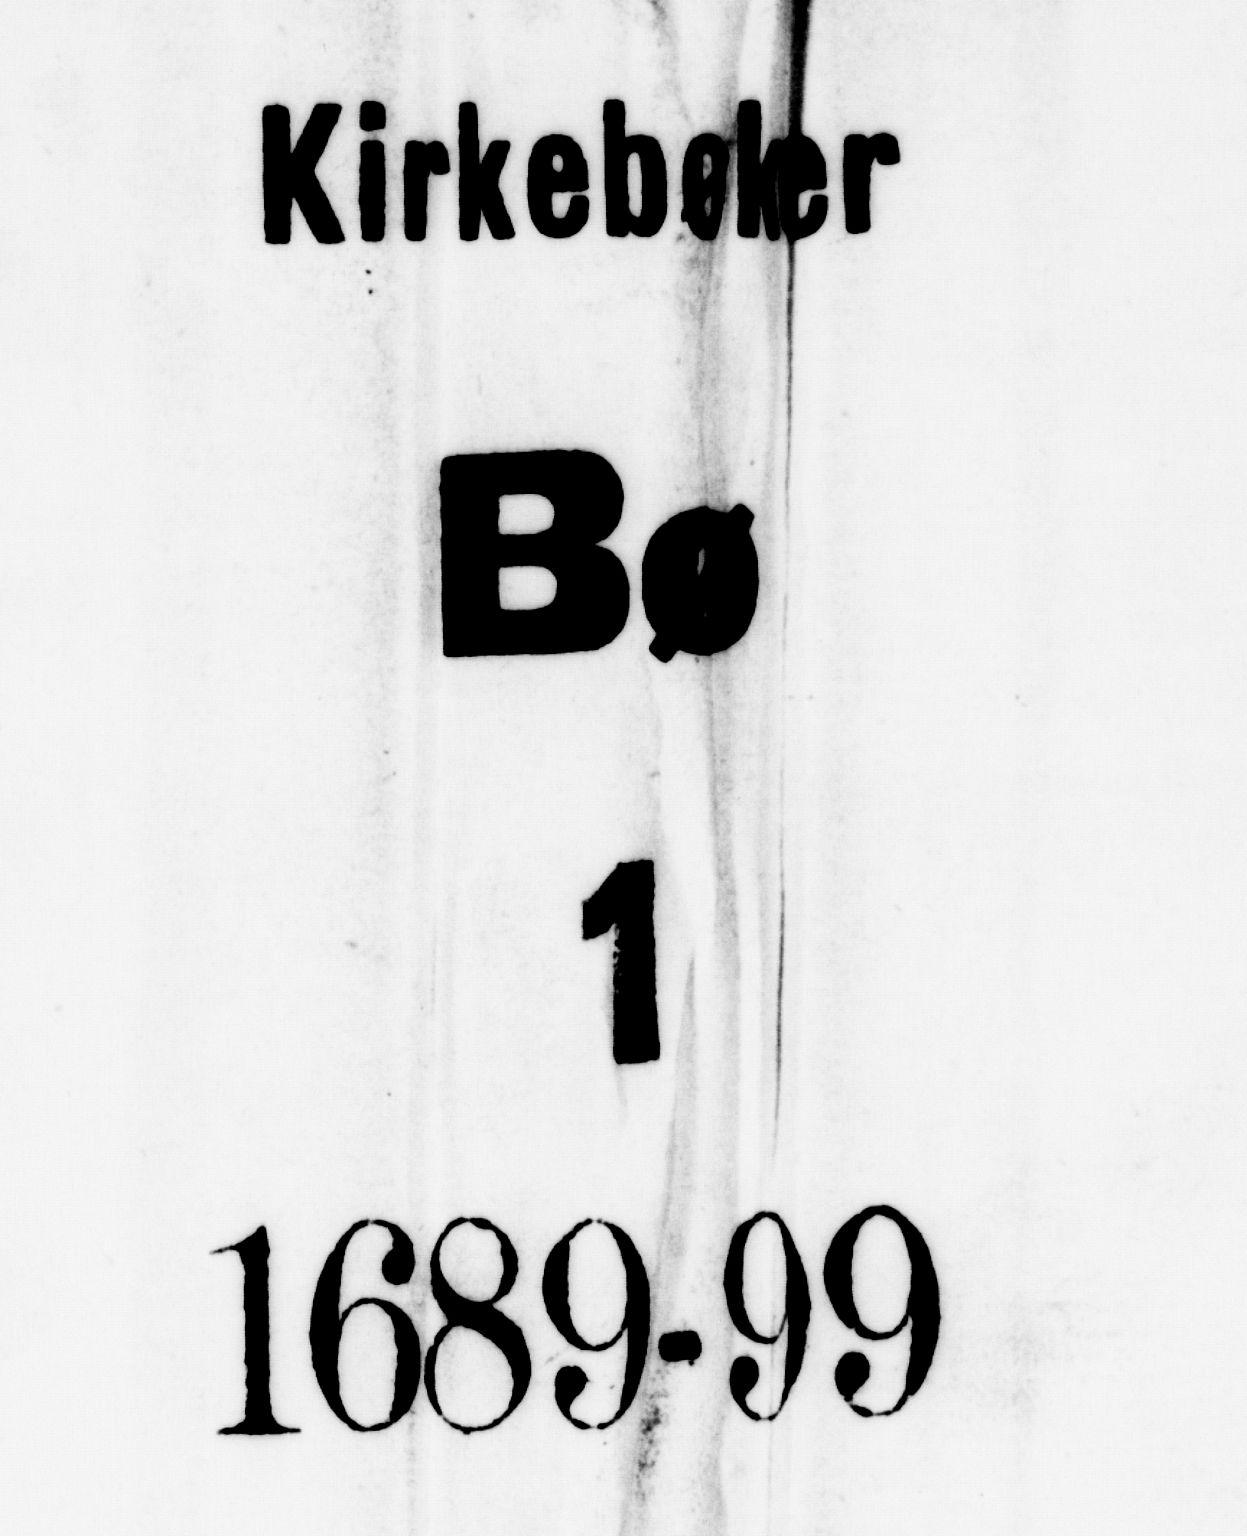 SAKO, Bø kirkebøker, F/Fa/L0001: Ministerialbok nr. 1, 1689-1699